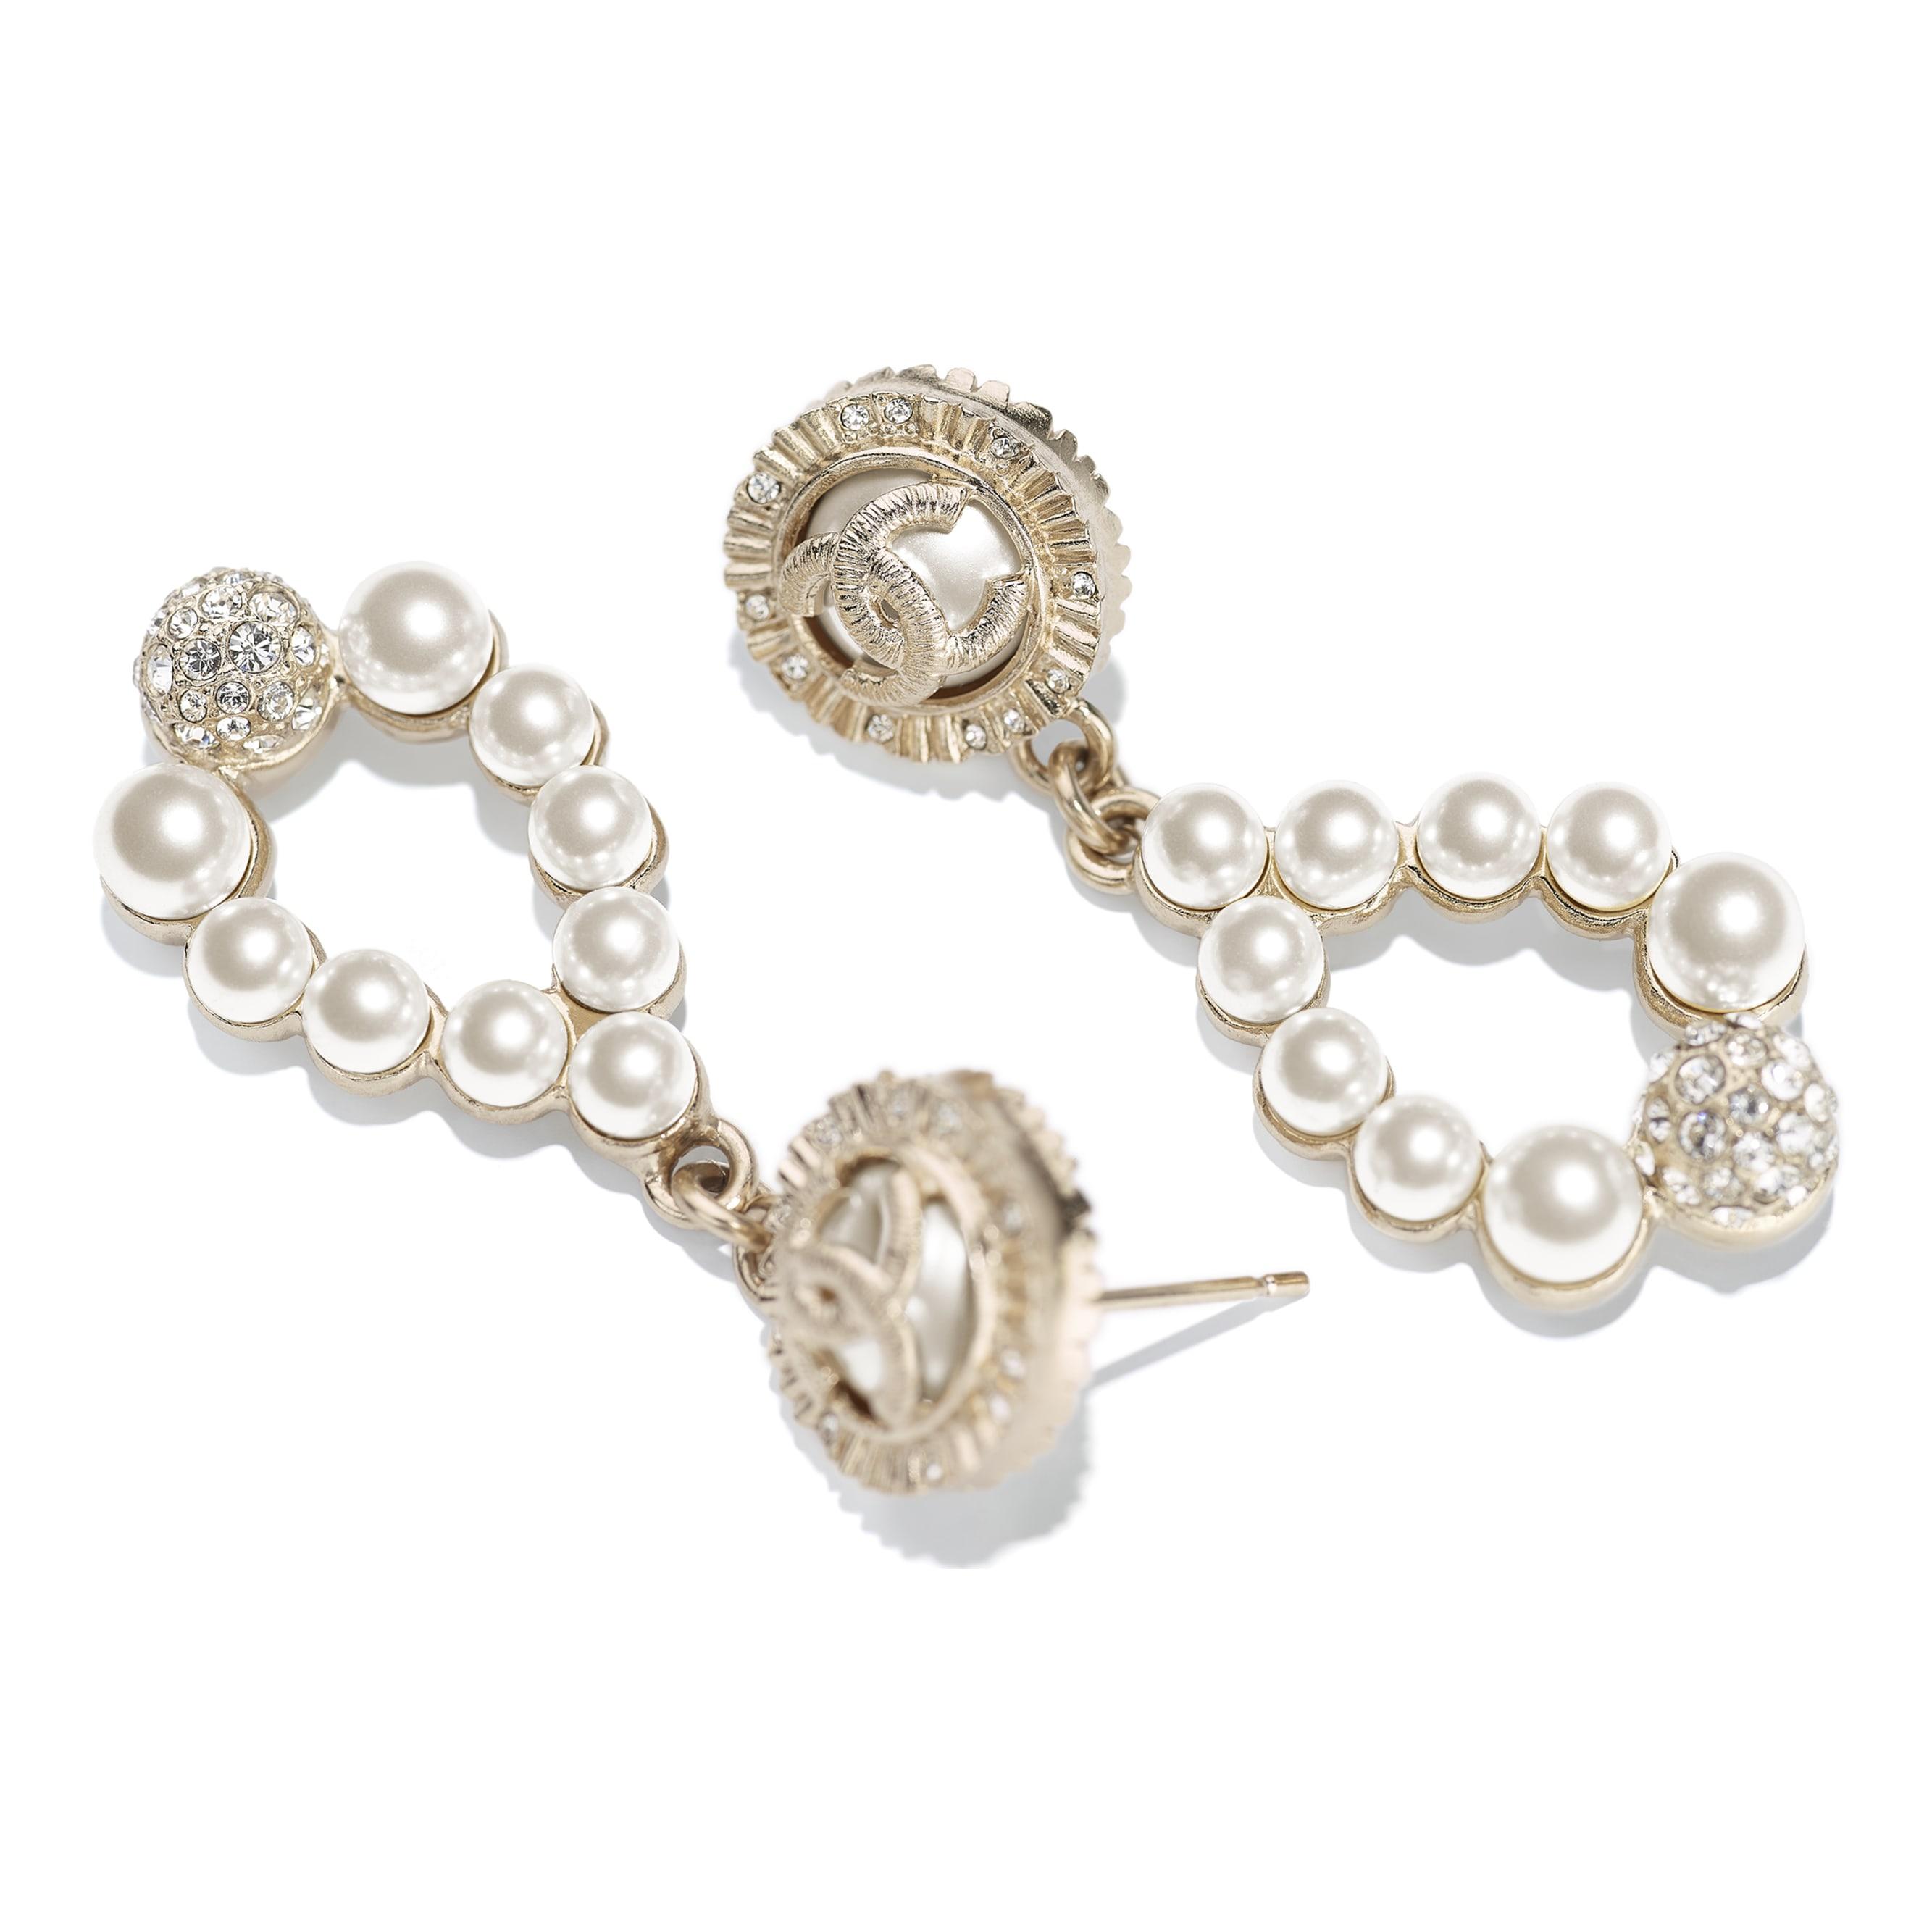 Brincos - Gold, Pearly White & Crystal - Metal, Glass Pearls & Strass - CHANEL - Vista alternativa - ver a versão em tamanho standard